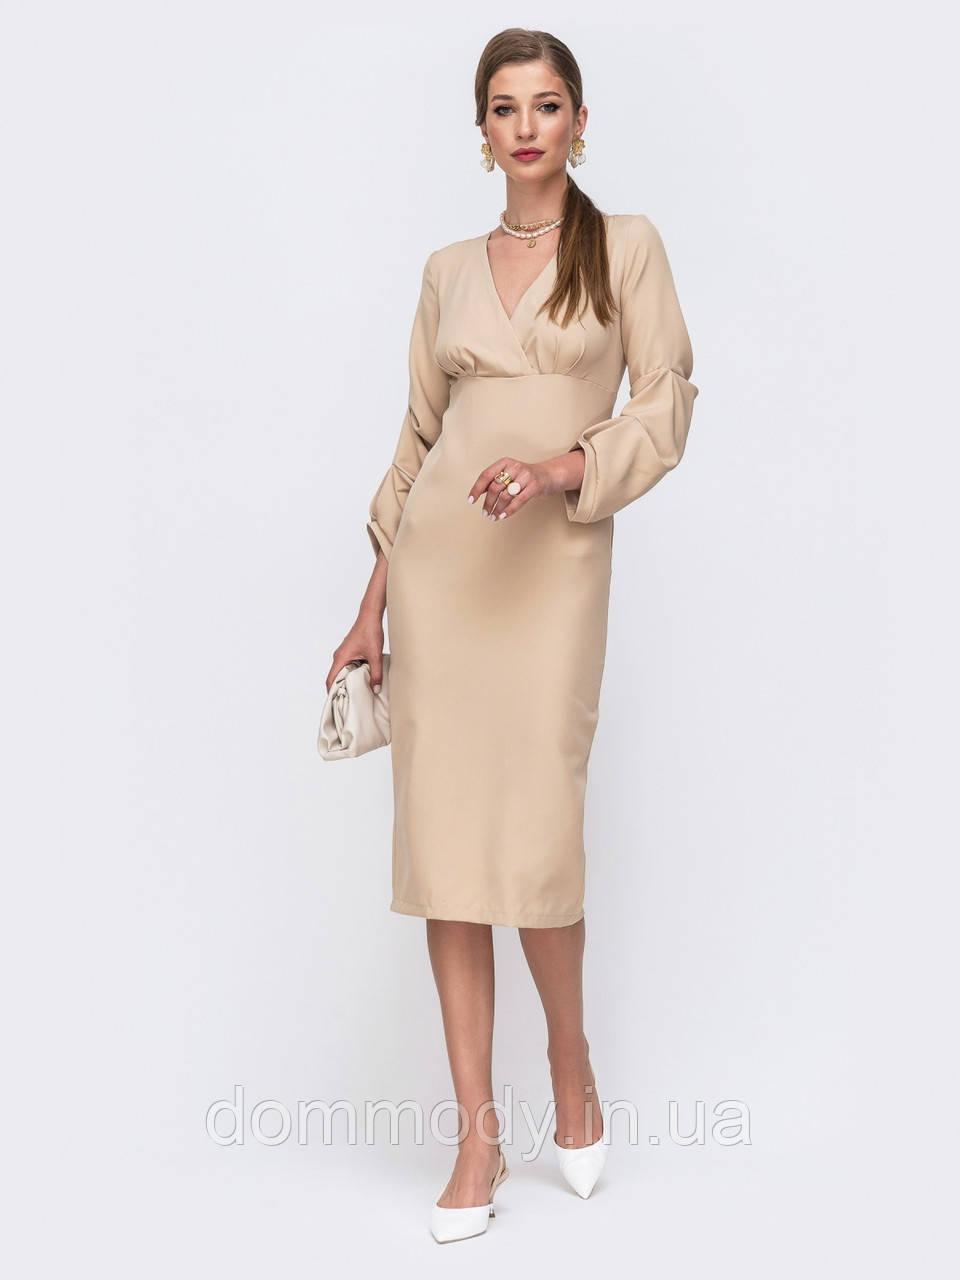 Платье женское Alexandrina lactic